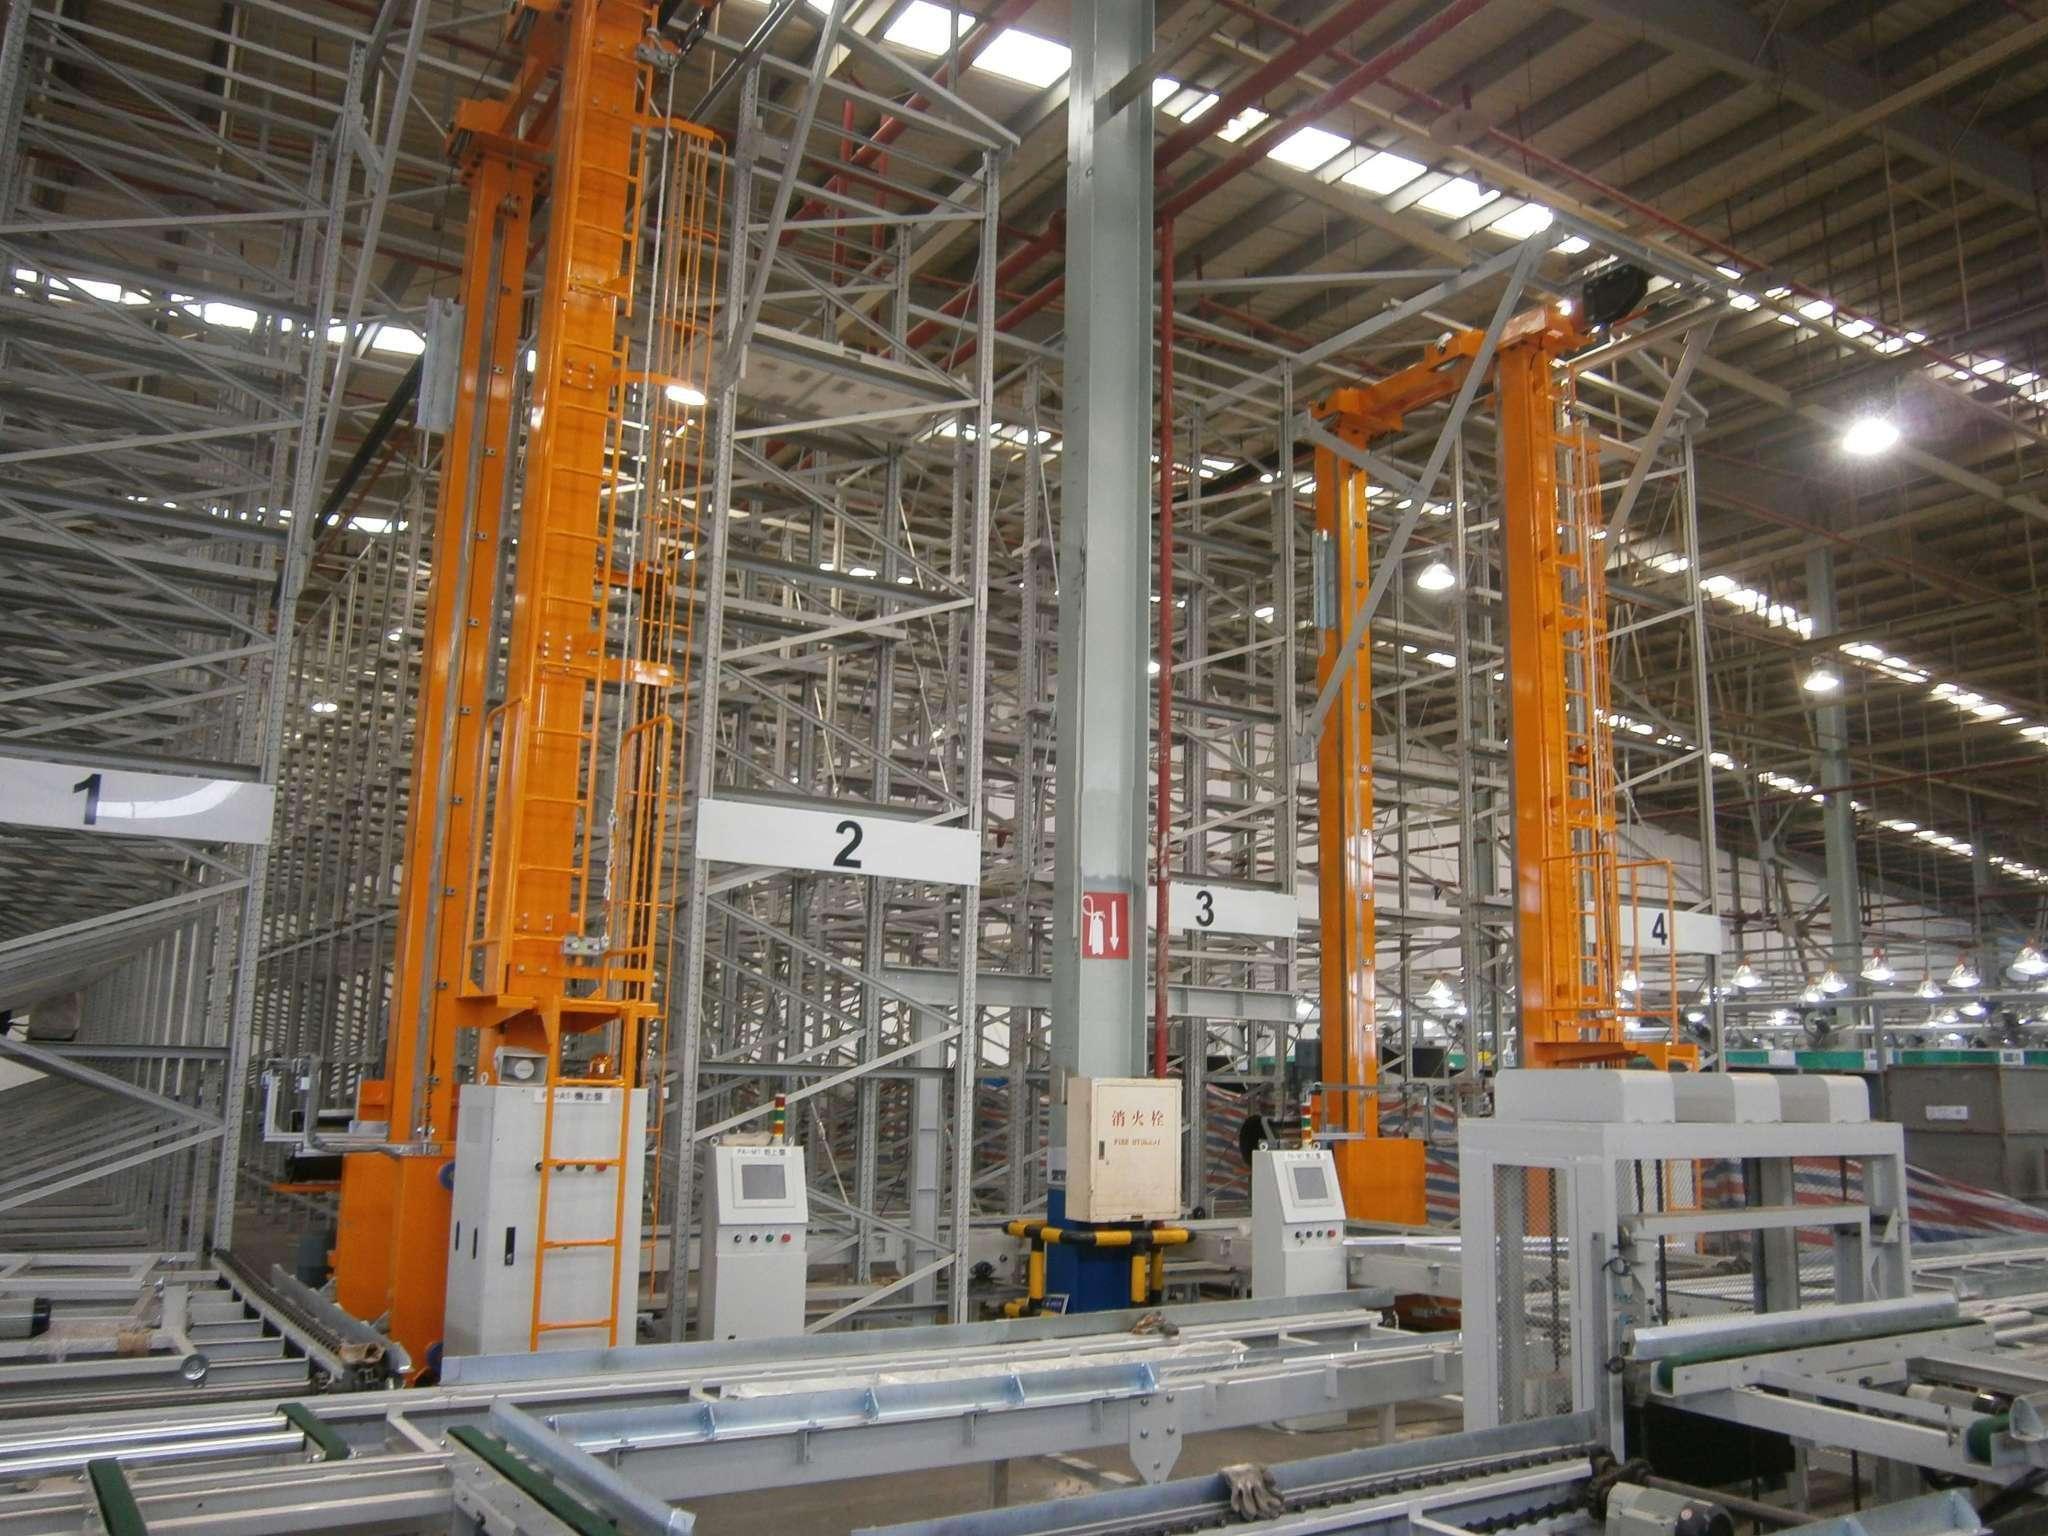 自动化立体仓库在未来有巨大的发展空间